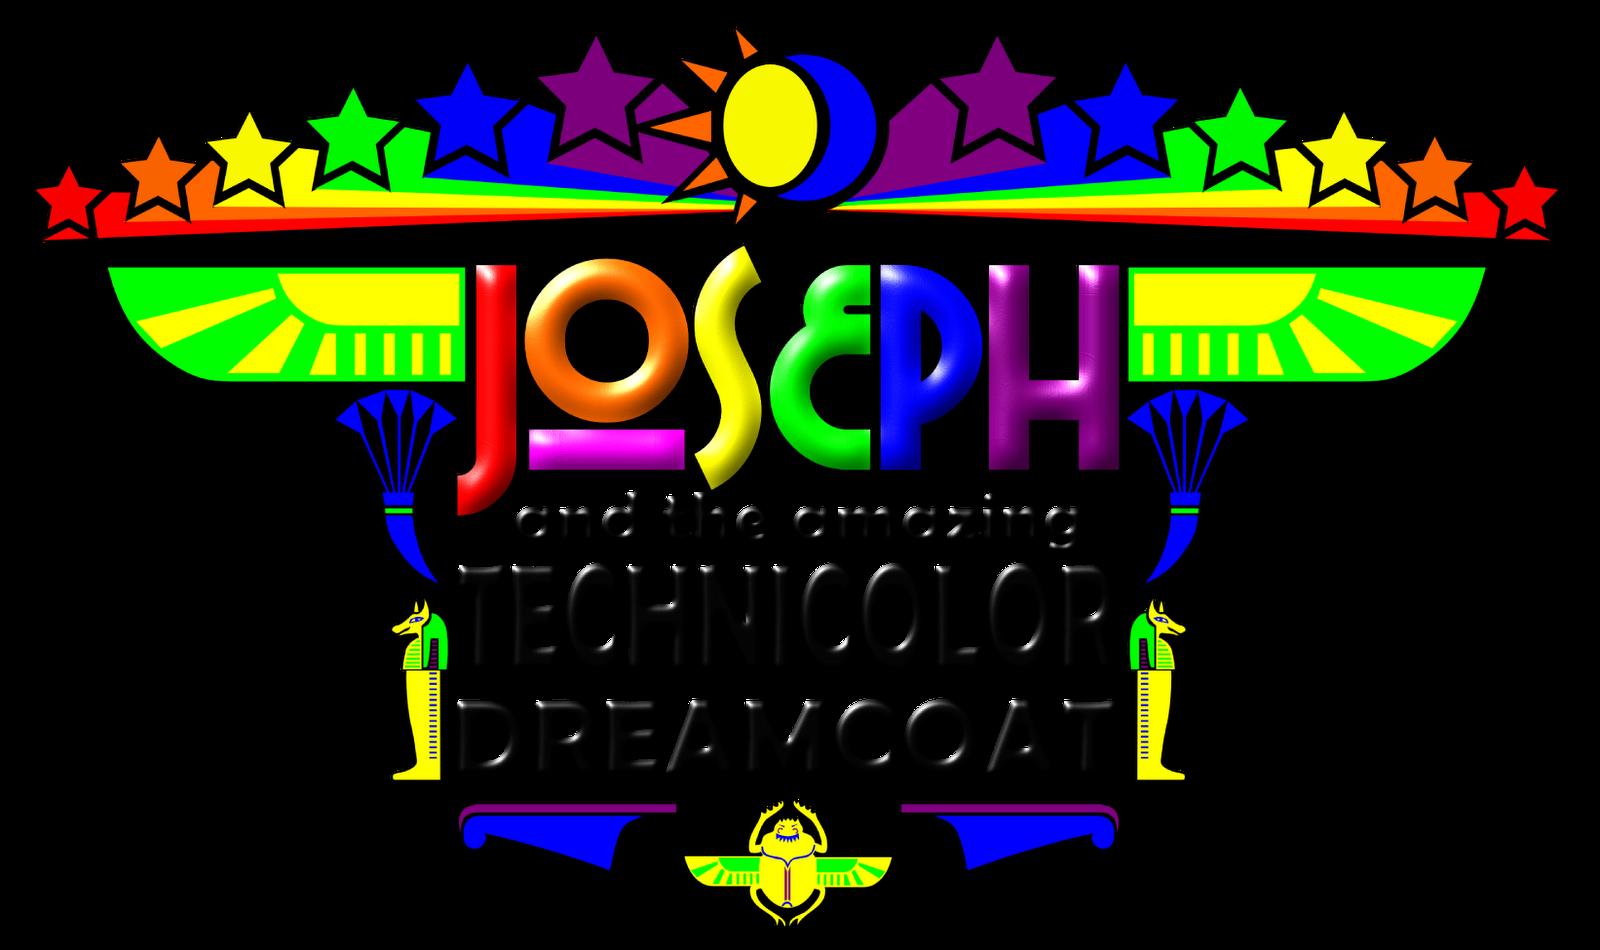 Letc board of directors joseph and the amazing technicolor dreamcoat